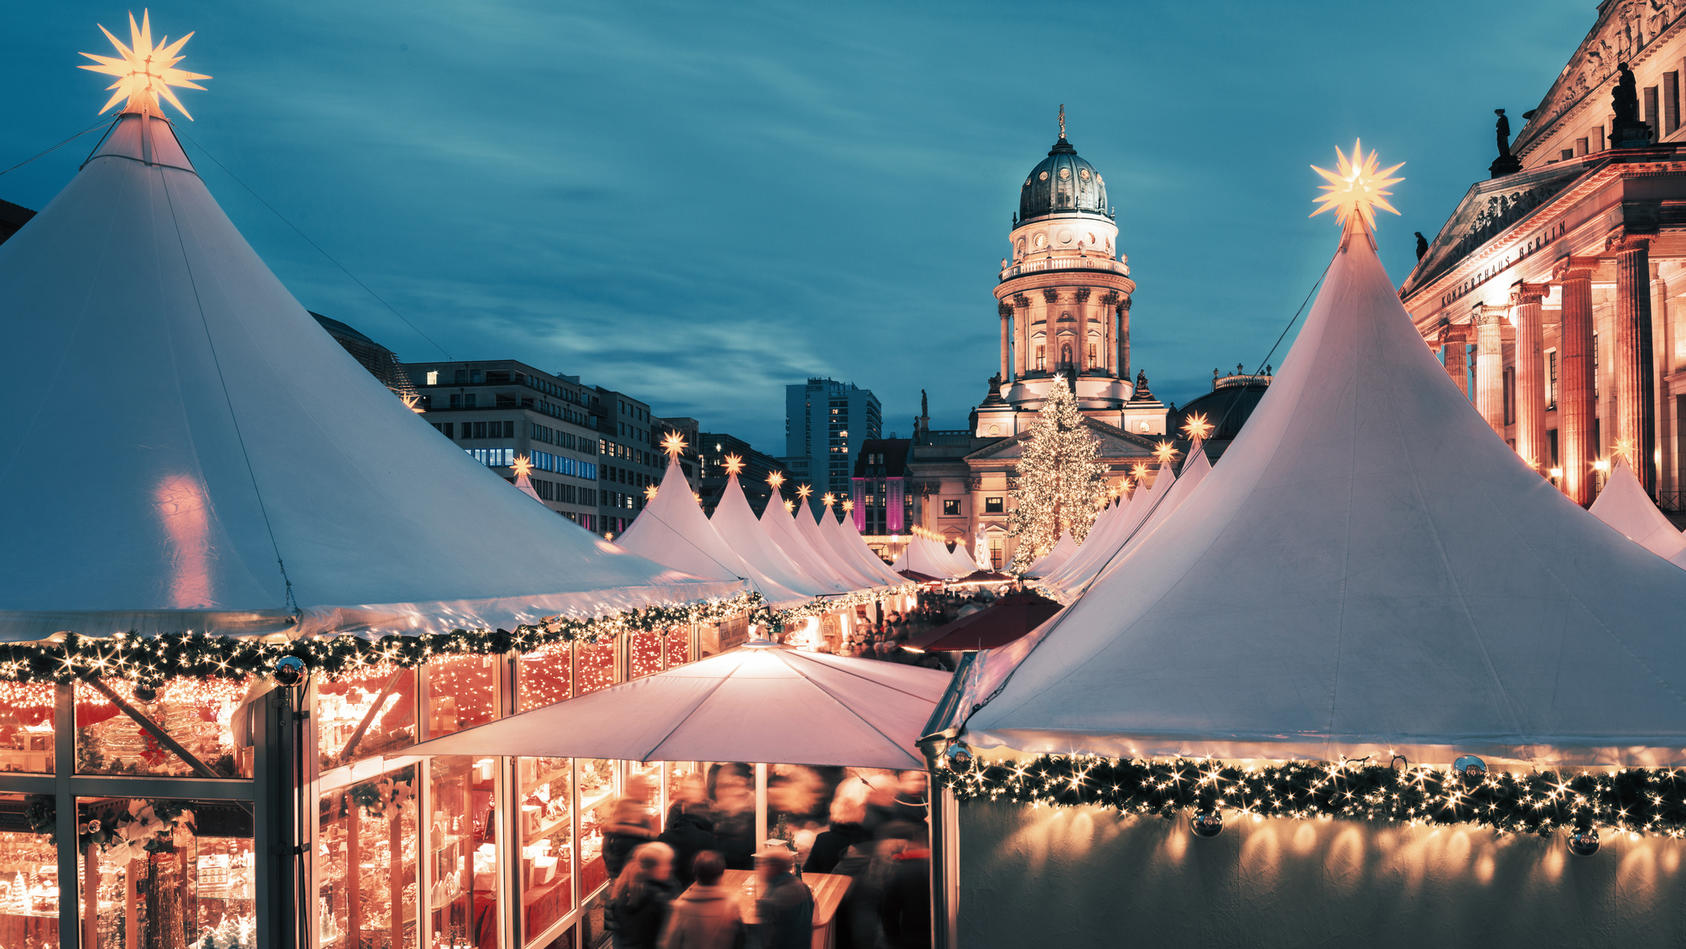 Aktuell ist geplant: Die Weihnachtsmärkte in Berlin sollen trotz Corona stattfinden.